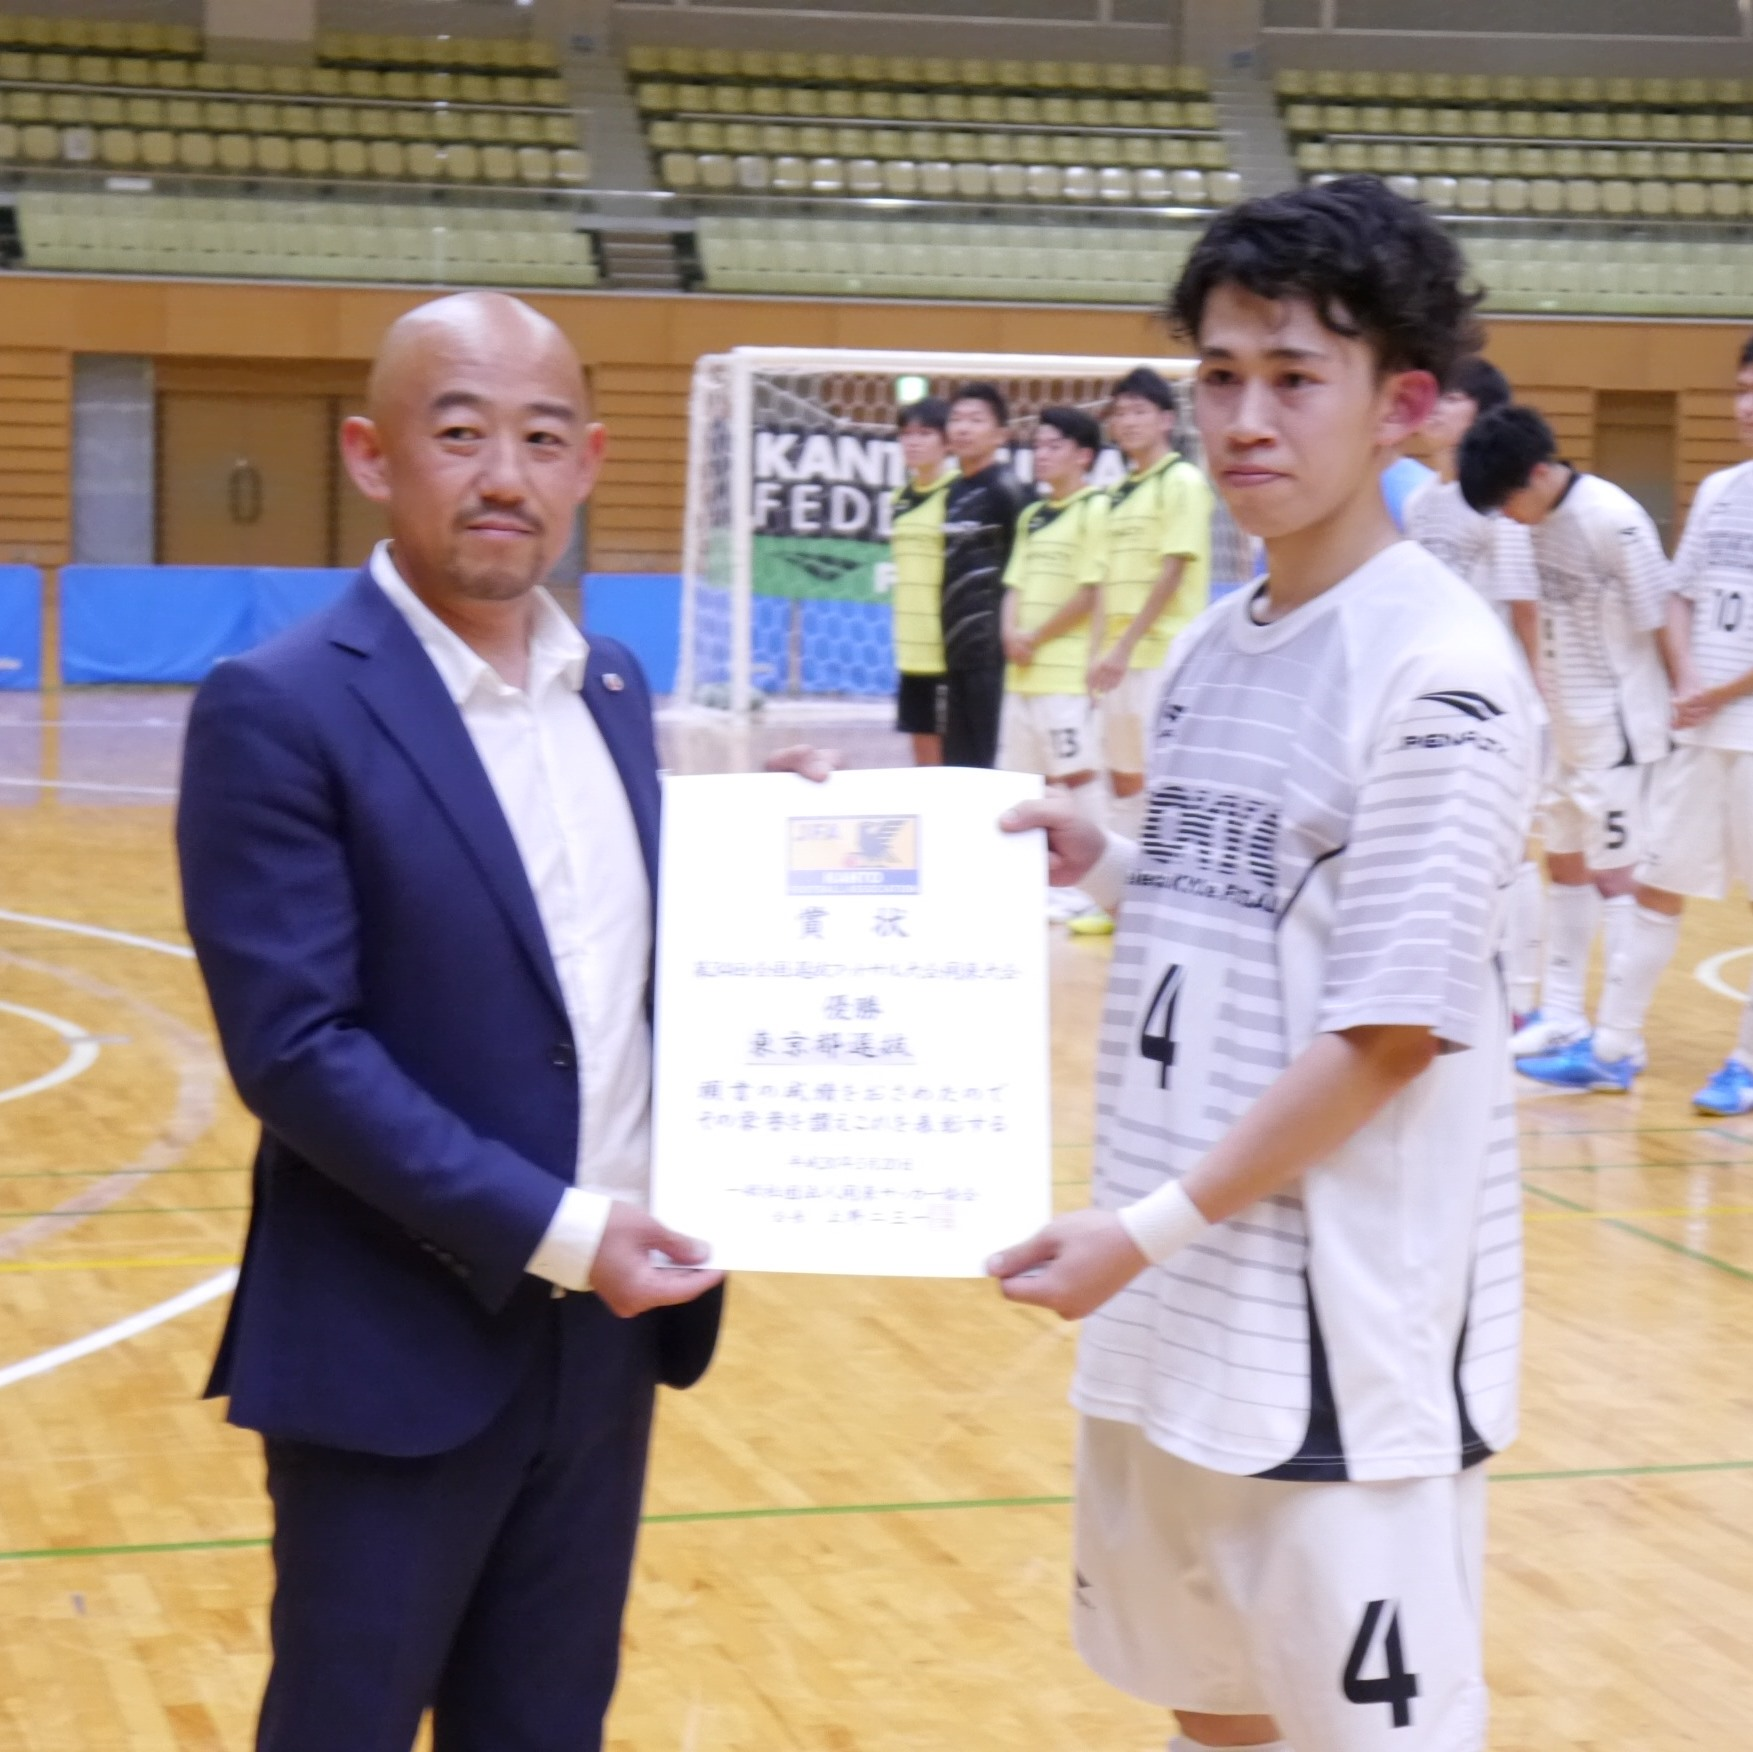 「第34回全国選抜フットサル大会 関東大会」東京都選抜優勝!